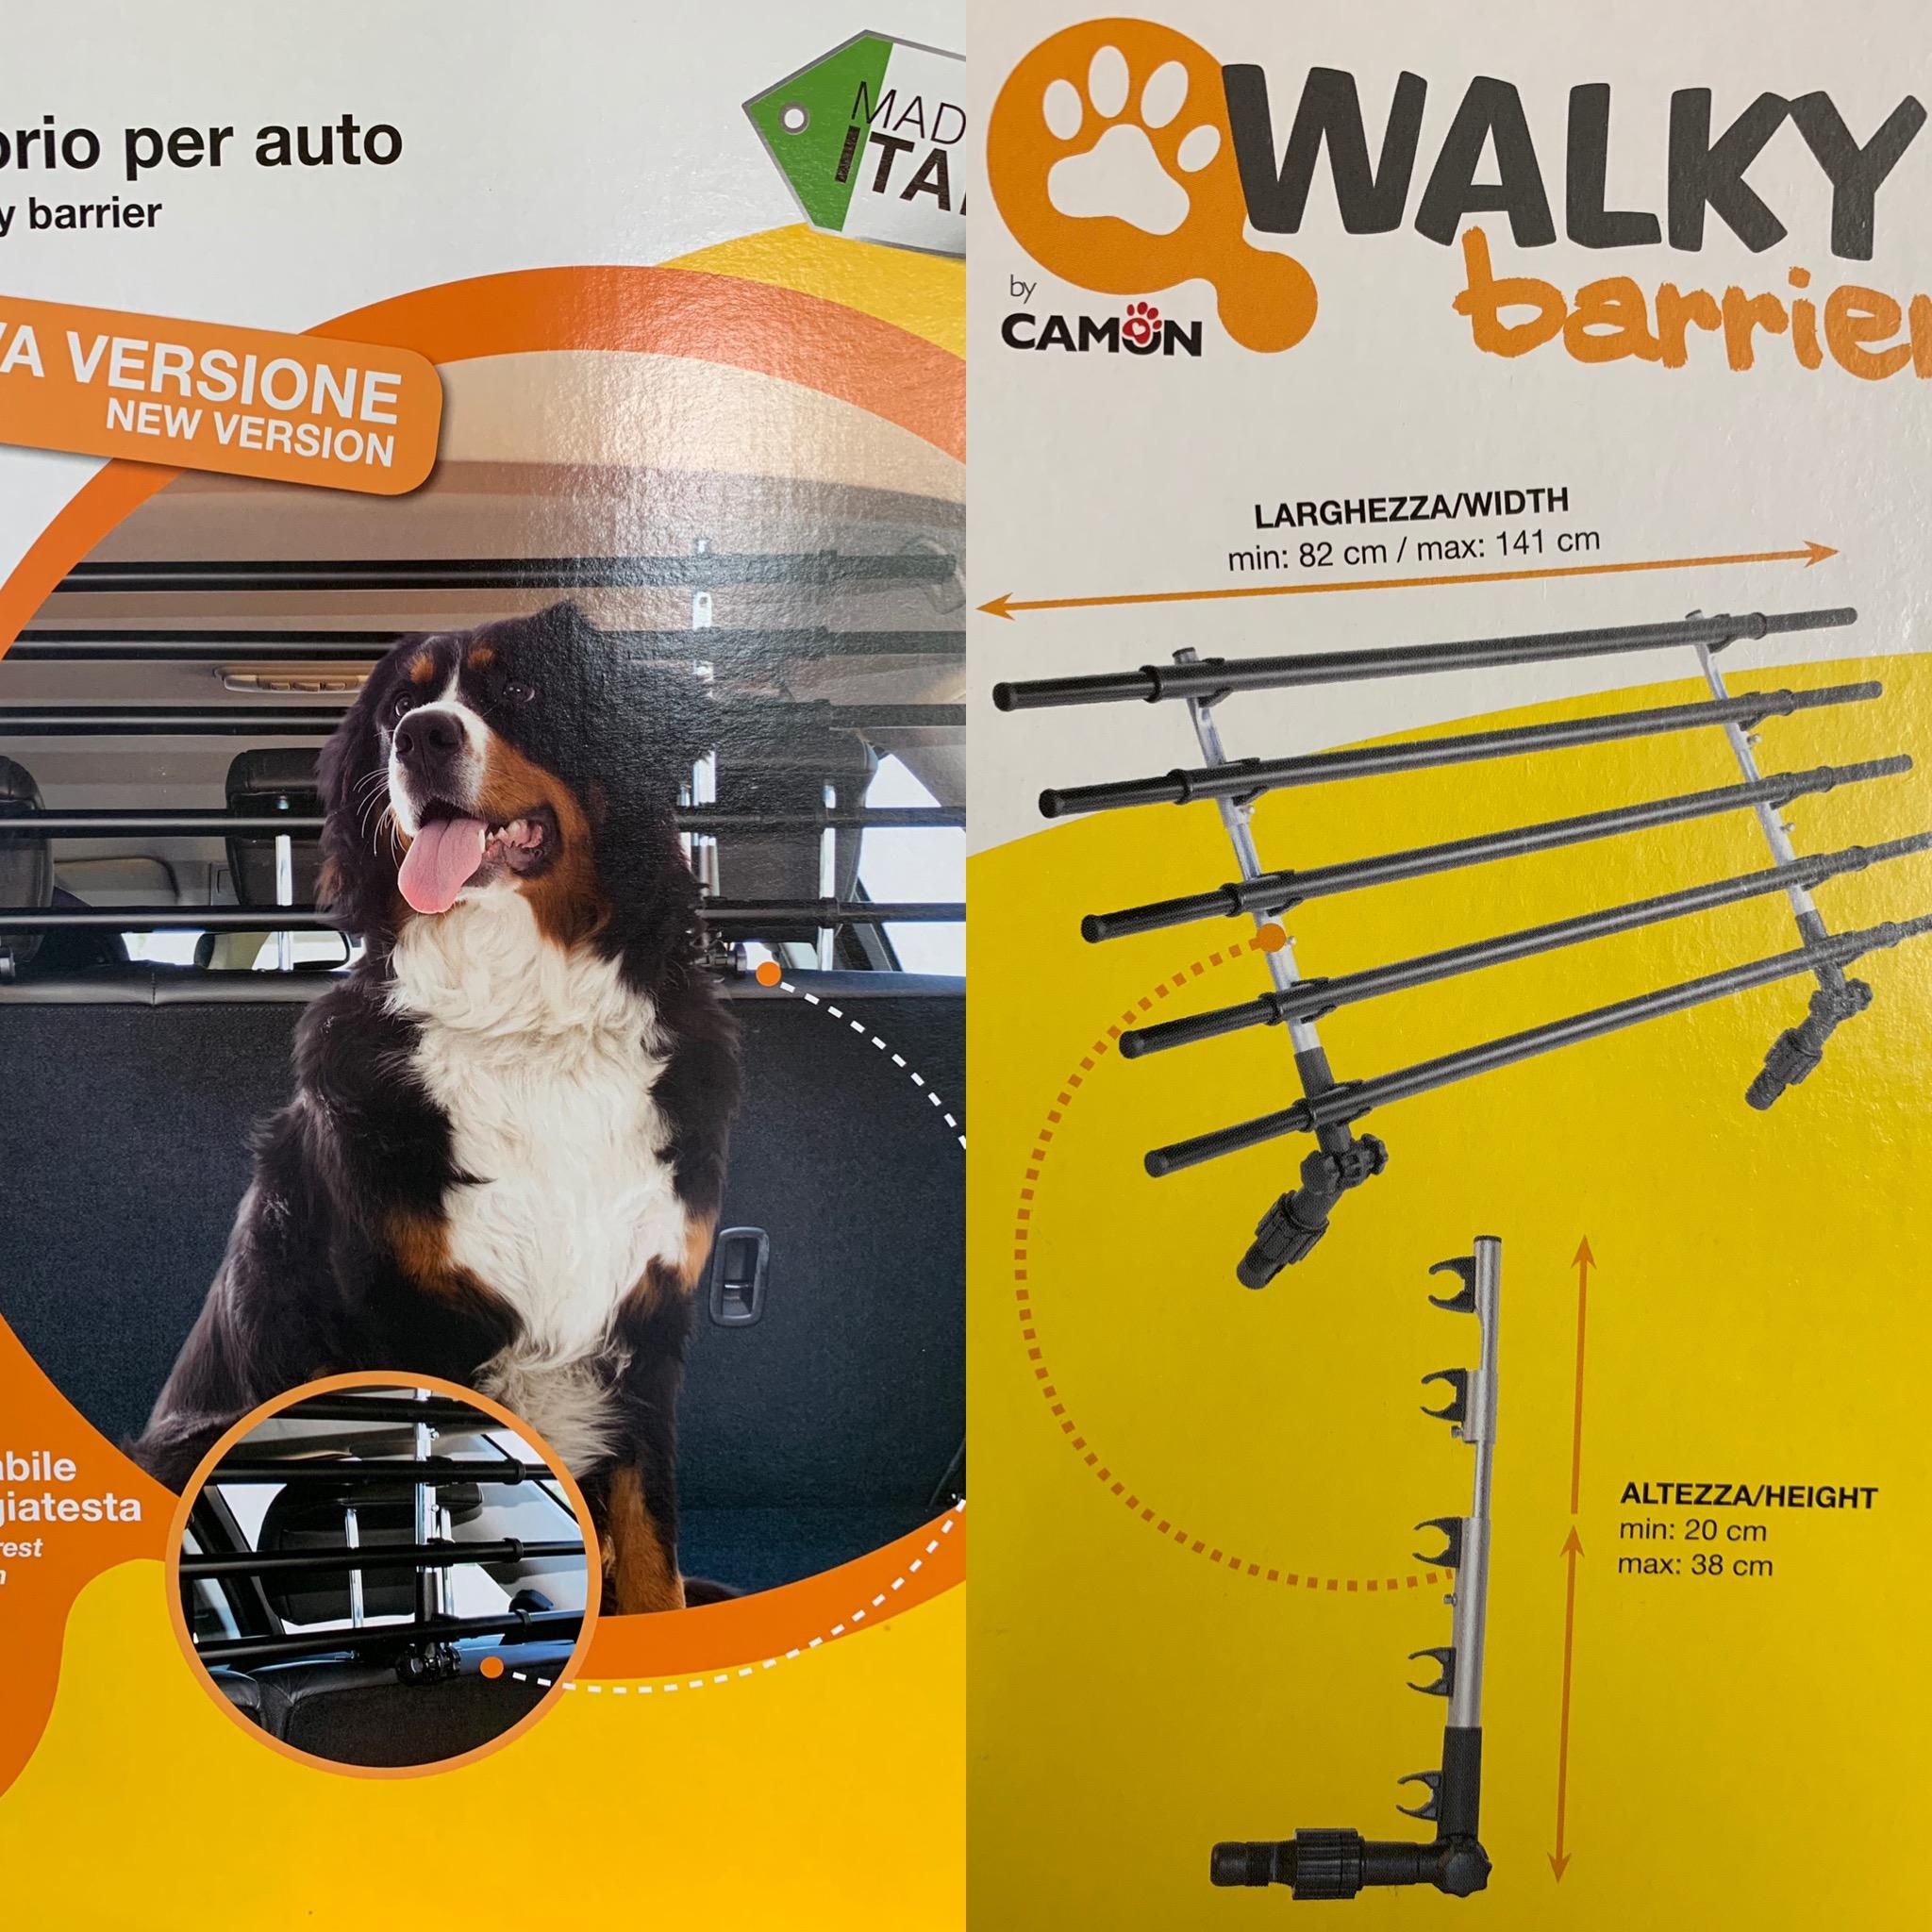 WALKY BARRIER divisorio regolabile per auto